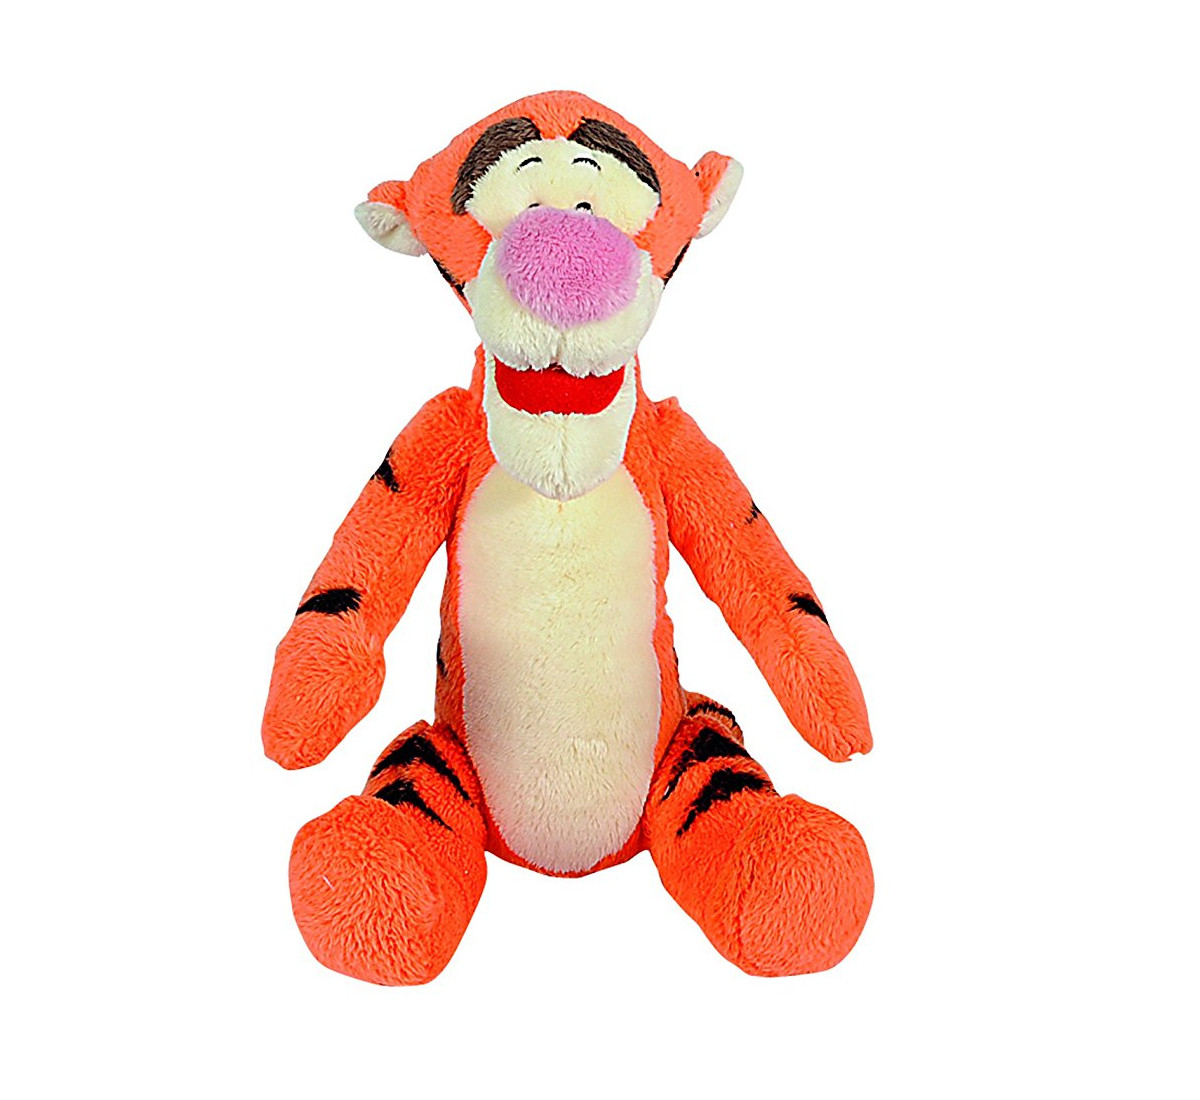 Мягкая игрушка Тигруля, 25 см - Мягкие игрушки Disney, артикул: 157597